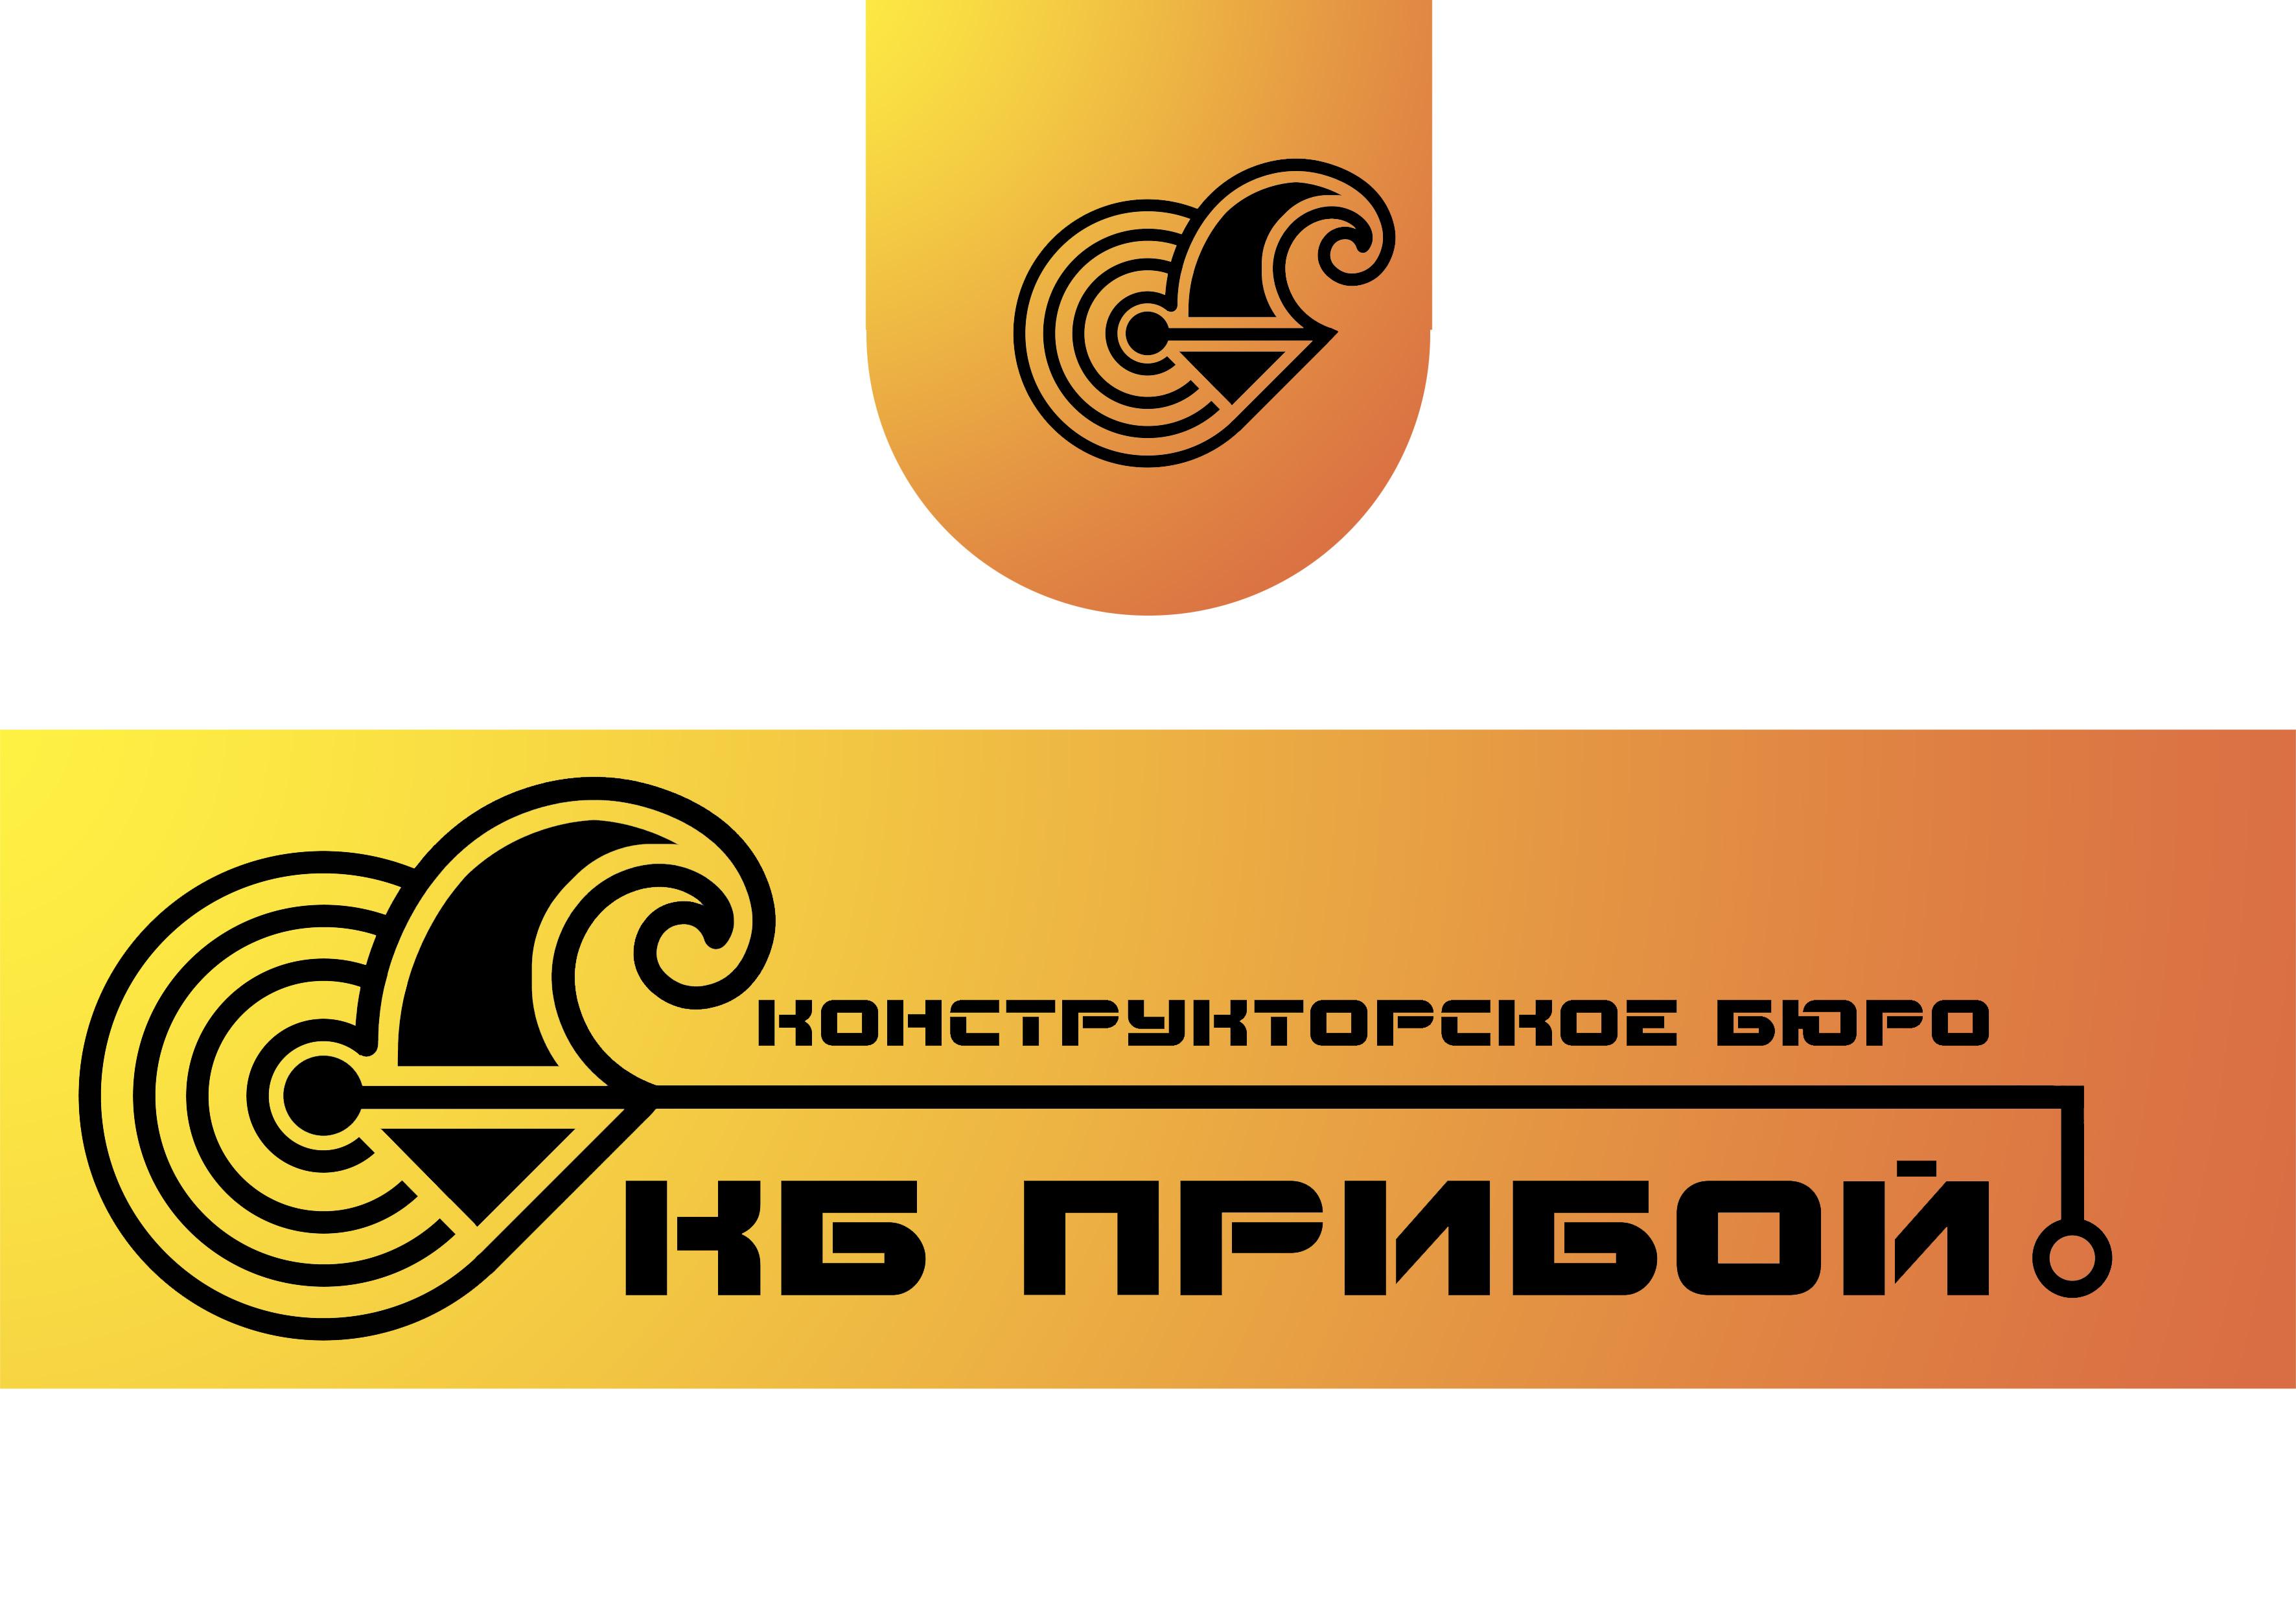 Разработка логотипа и фирменного стиля для КБ Прибой фото f_1315b296ae12d20e.jpg